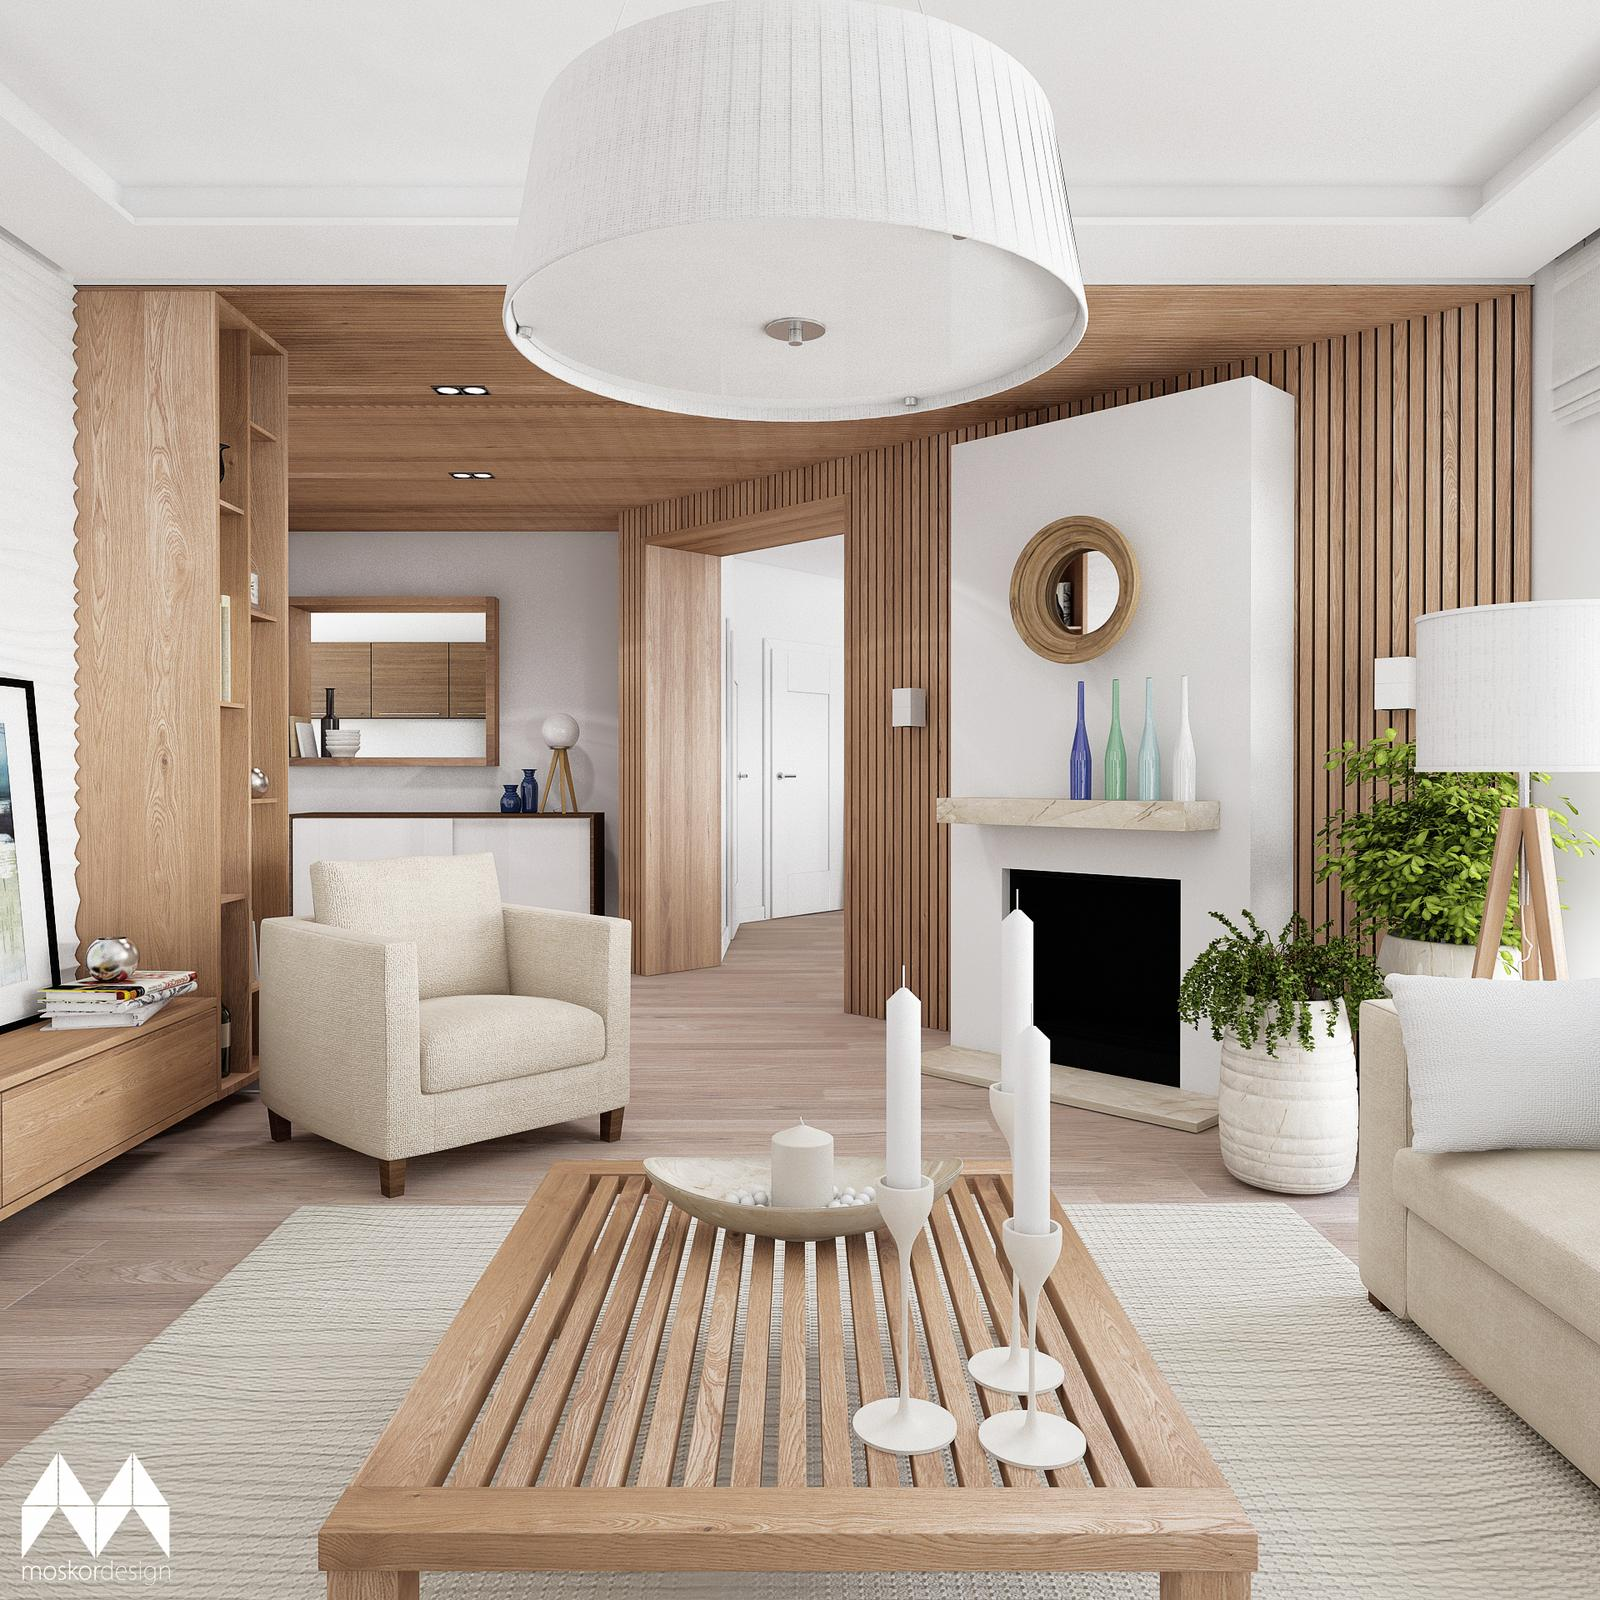 REKONSTRUKCE INTERIÉRU - obývací pokoj a jídelna - obývací pokoj - dřevéný obklad a jednoduchý krb